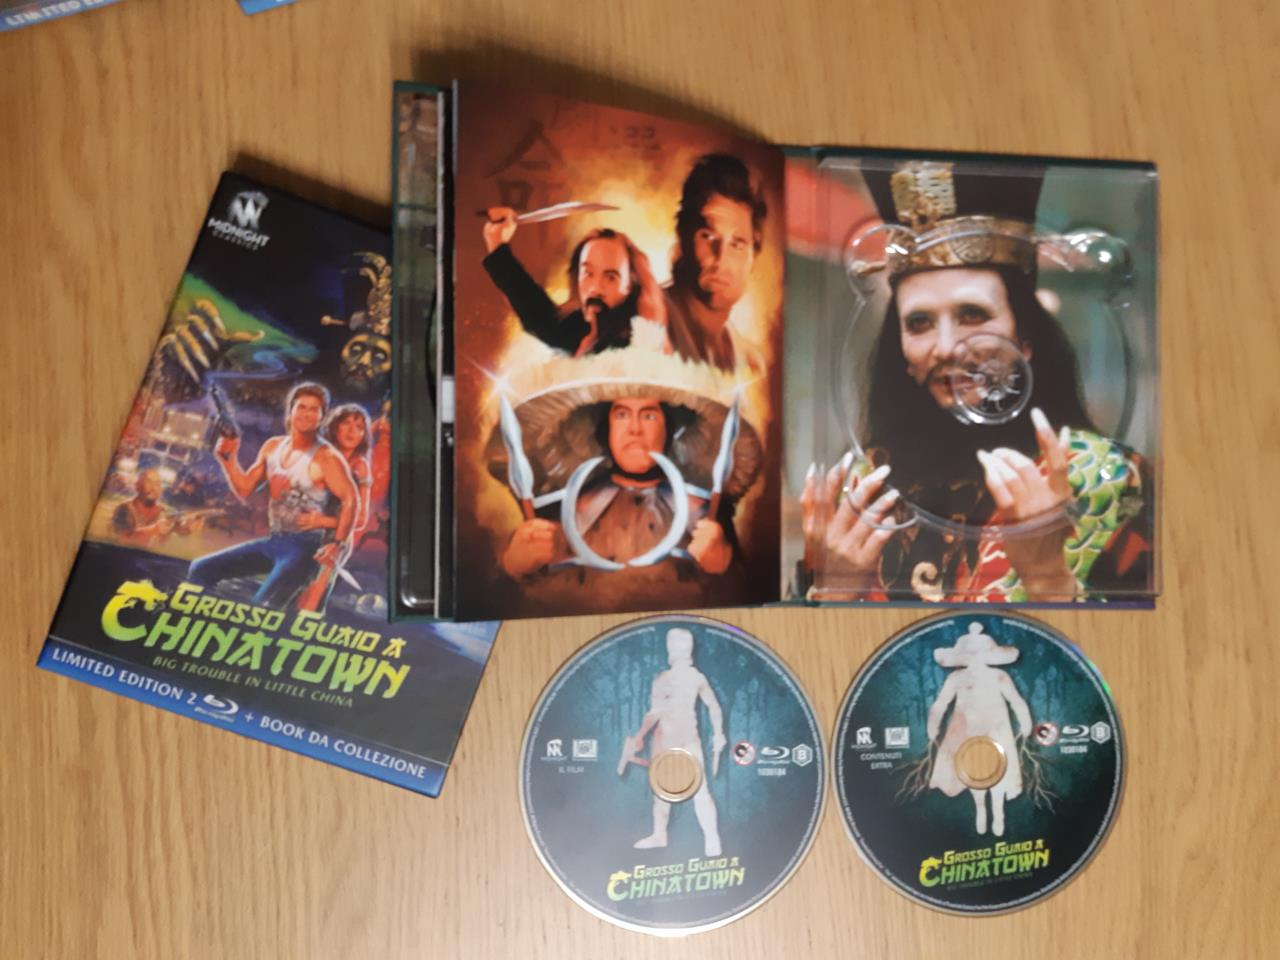 L'illustrazione dell'alloggio del disco 2 del cofanetto di Grosso Guaio a Chinatown, edizione Limited Edition Blu-ray